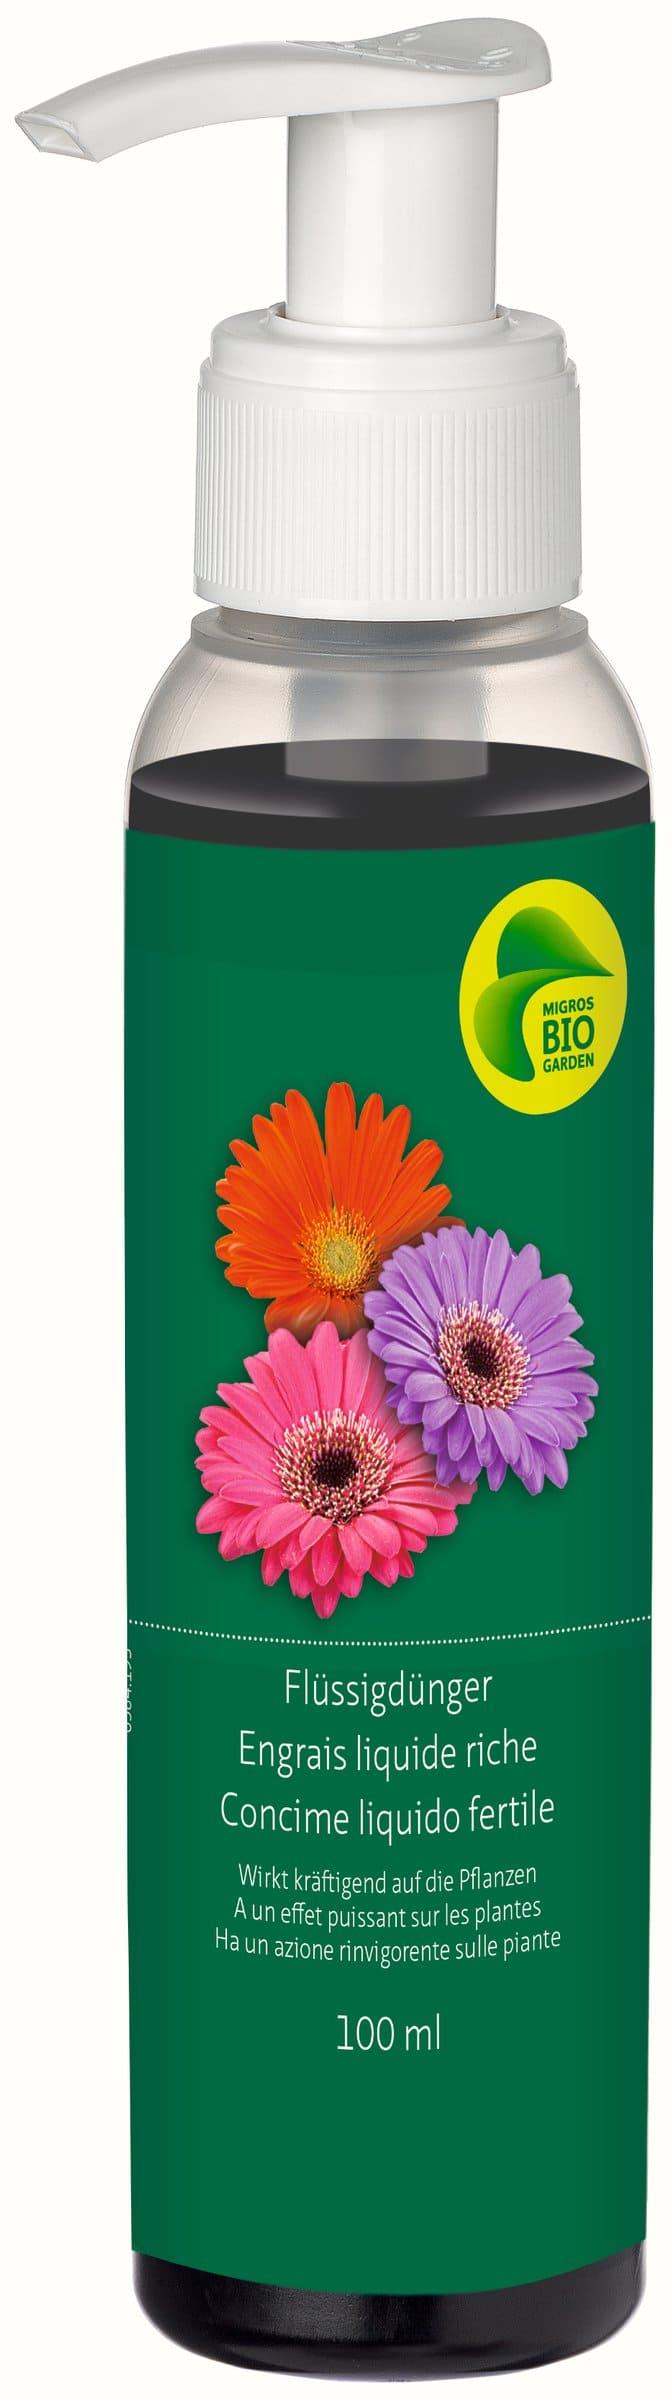 Migros-Bio Garden Engrais liquide riche, 100 ml